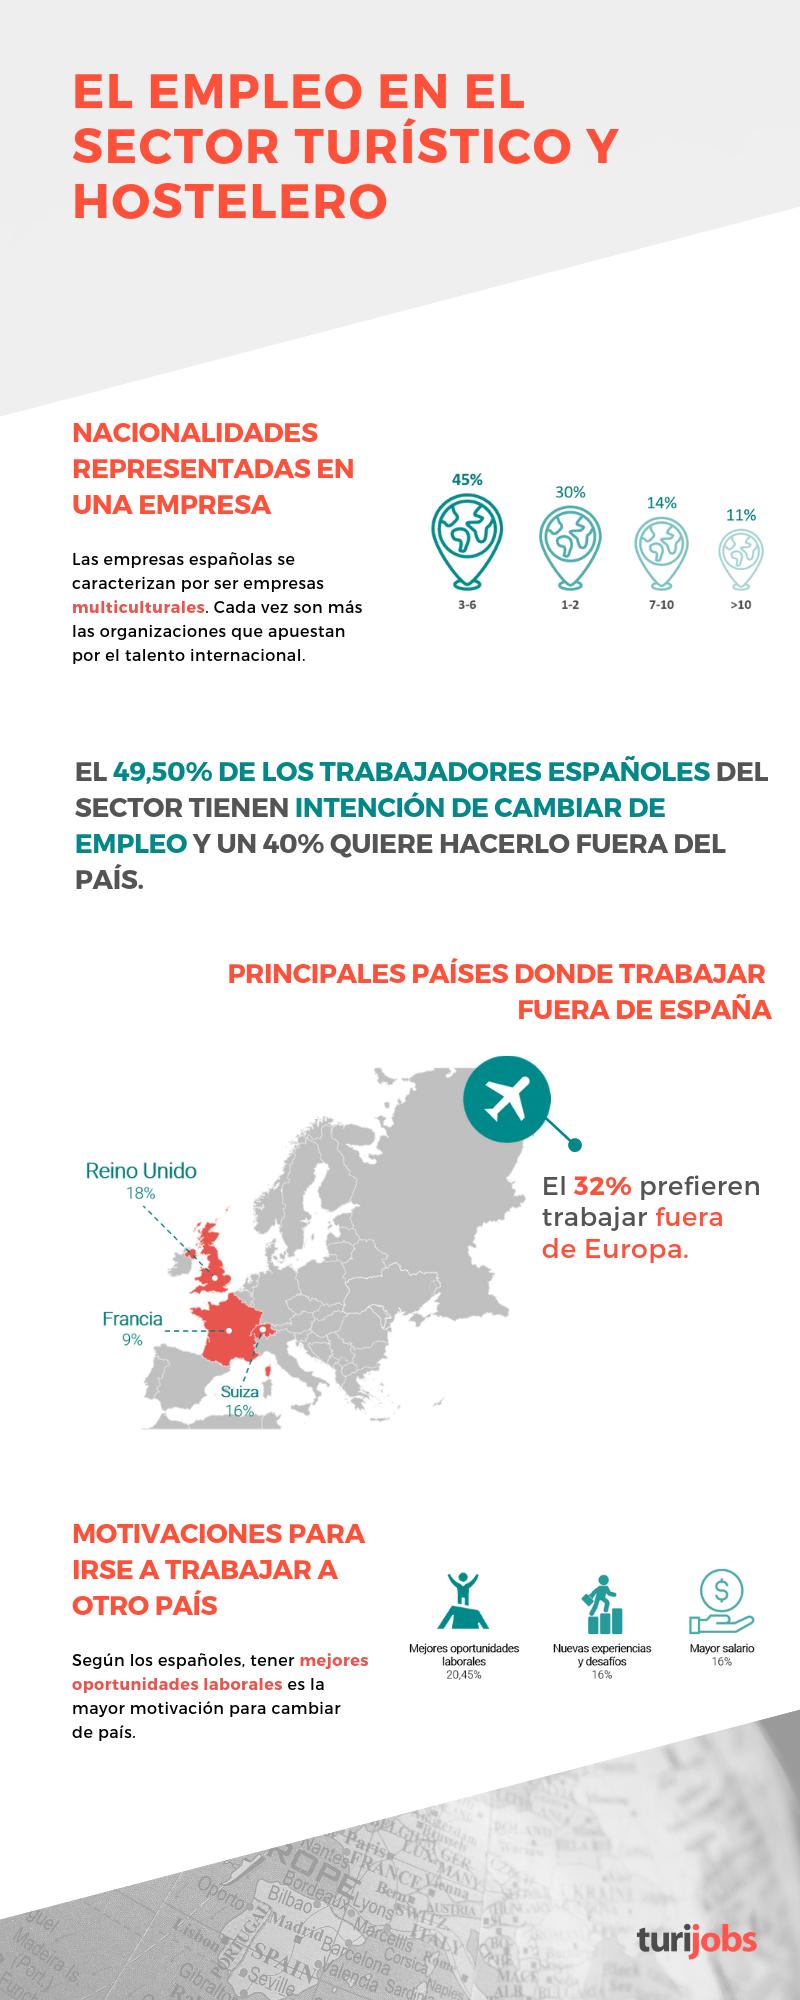 El empleo en el sector turístico y hostelero español